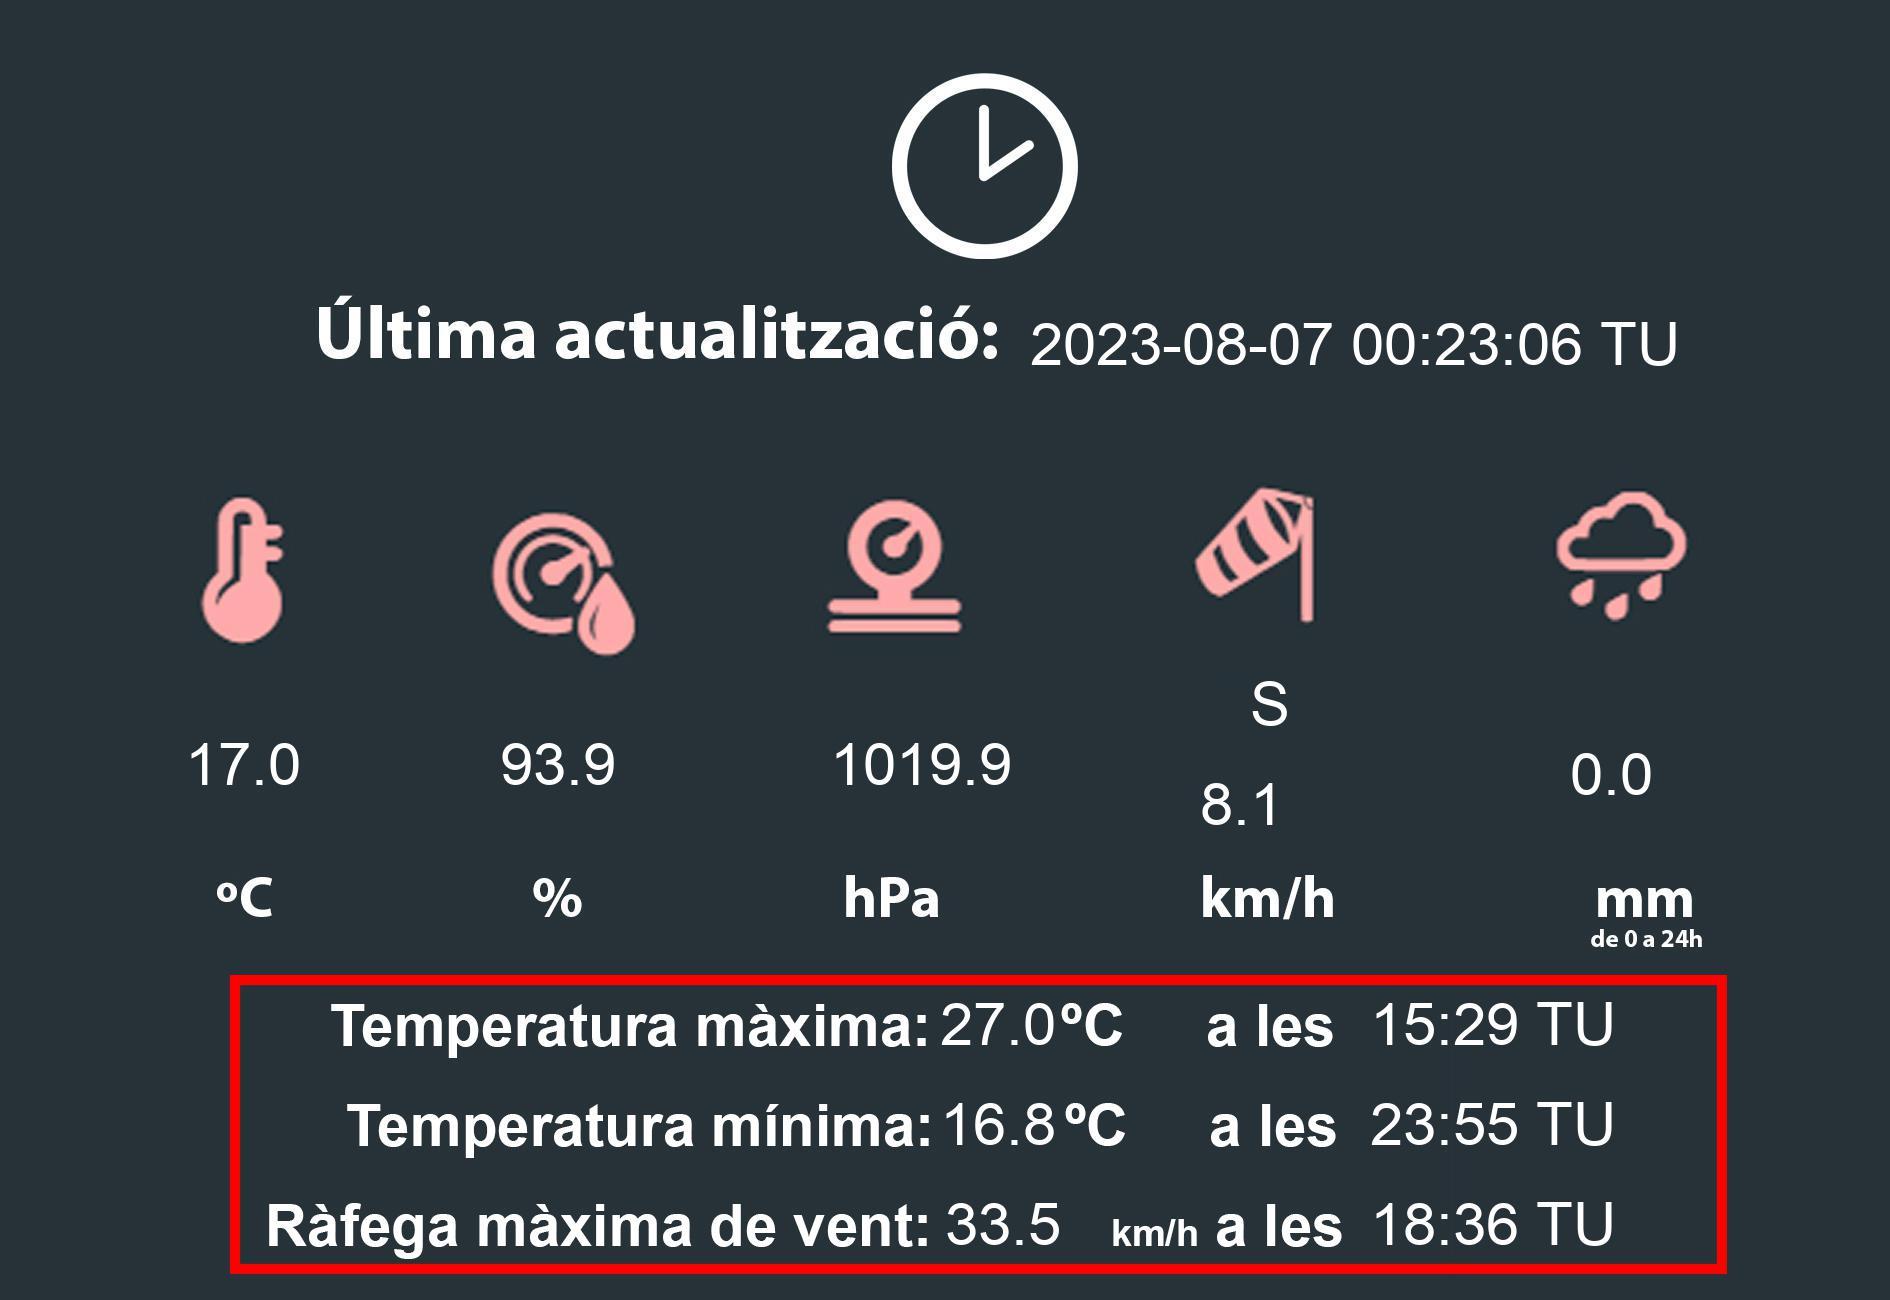 L'horari està expressat en temps universal TU A l'hivern cal sumar una hora i a l'estiu cal sumar dues hores. La temperatura màxima i la temperatura mínima està mesurada de 07h a 07h TU.